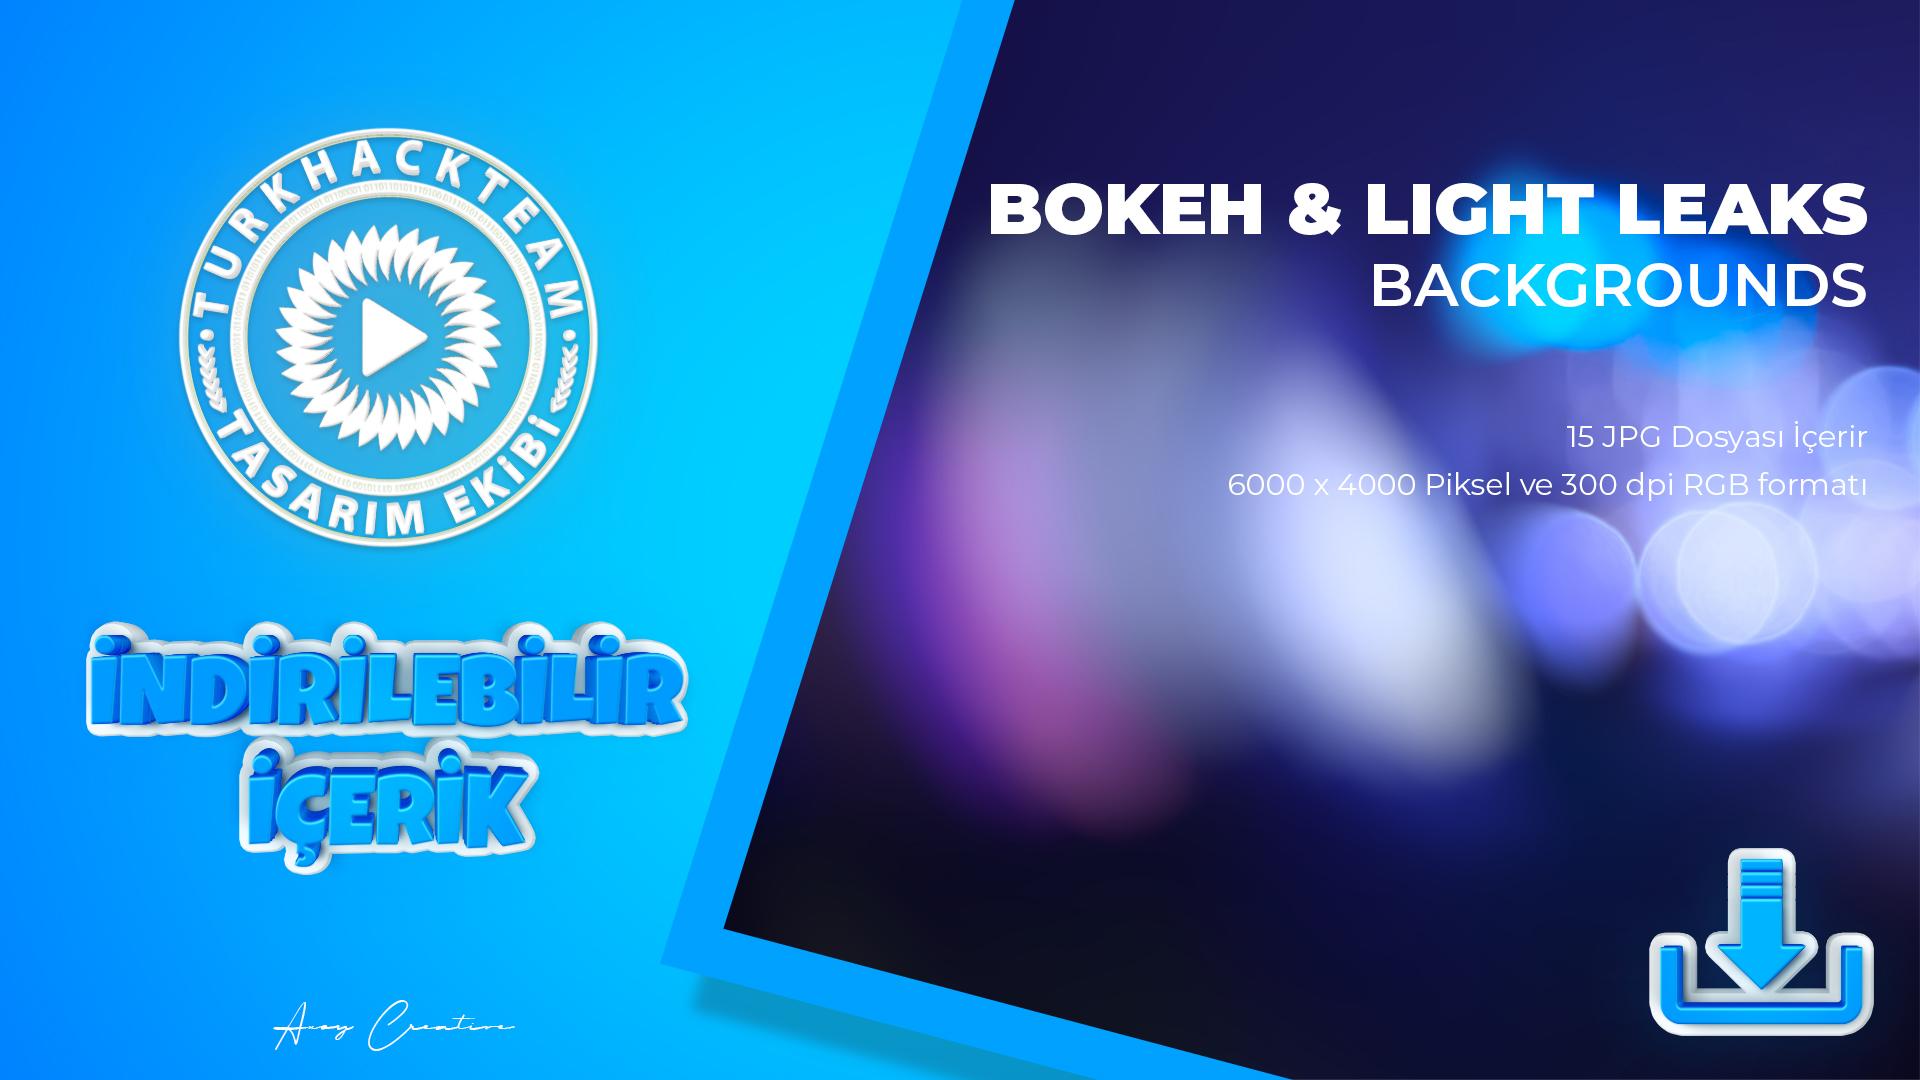 Bokeh--Light-Leaks-Backgrounds.jpg